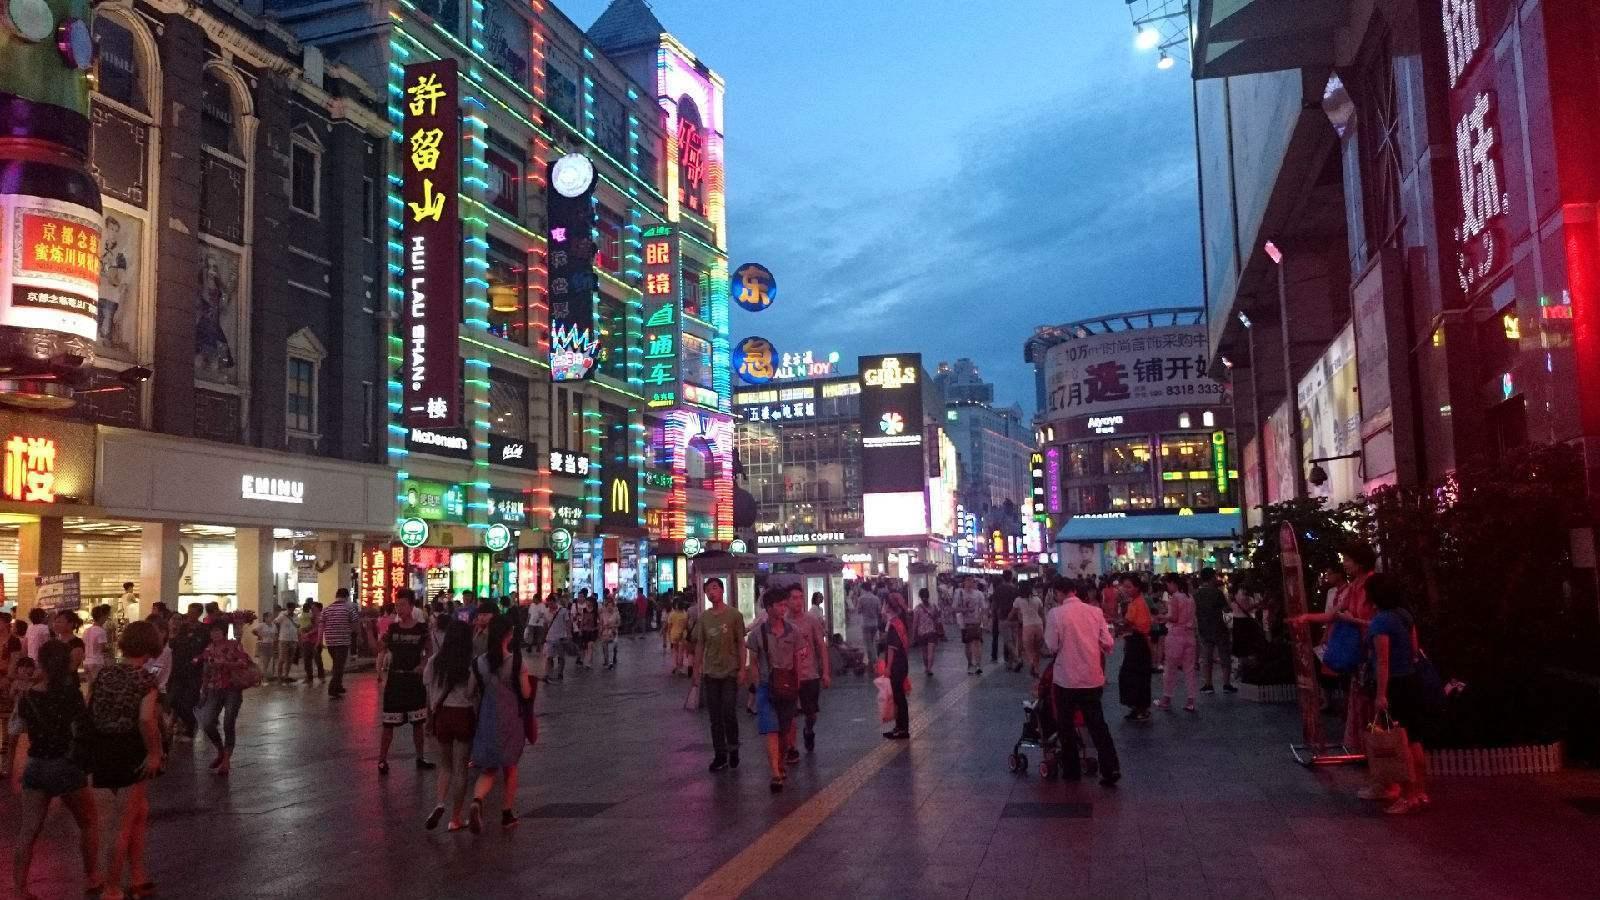 鉴赏:中国顶级步行街之广州上下九商业街